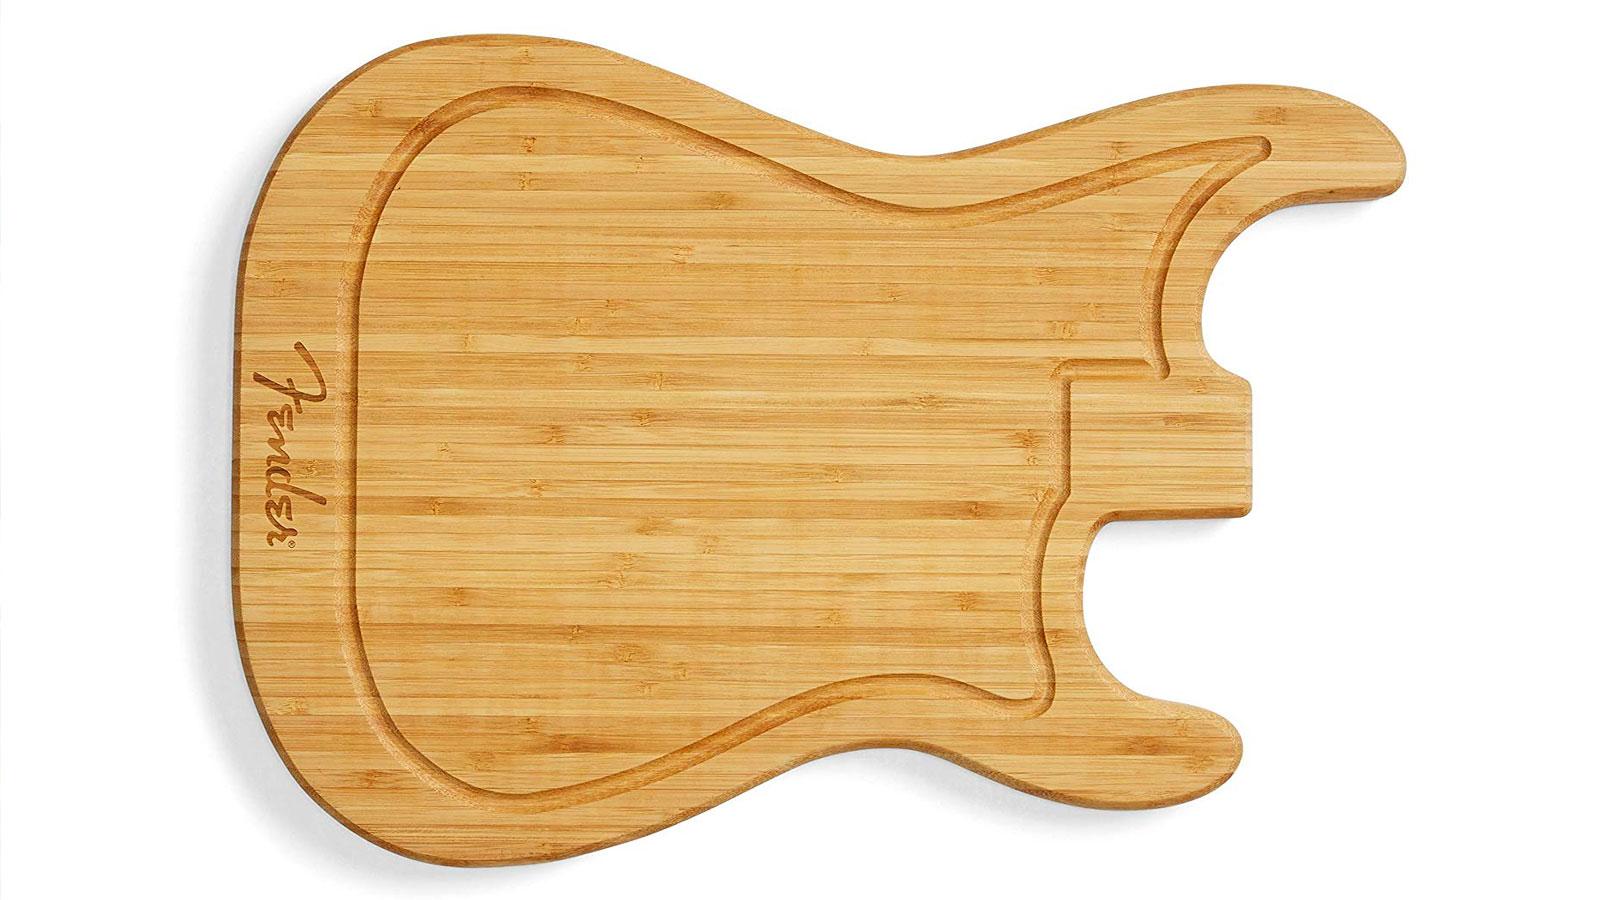 10 idees cadeau pour guitariste a noel